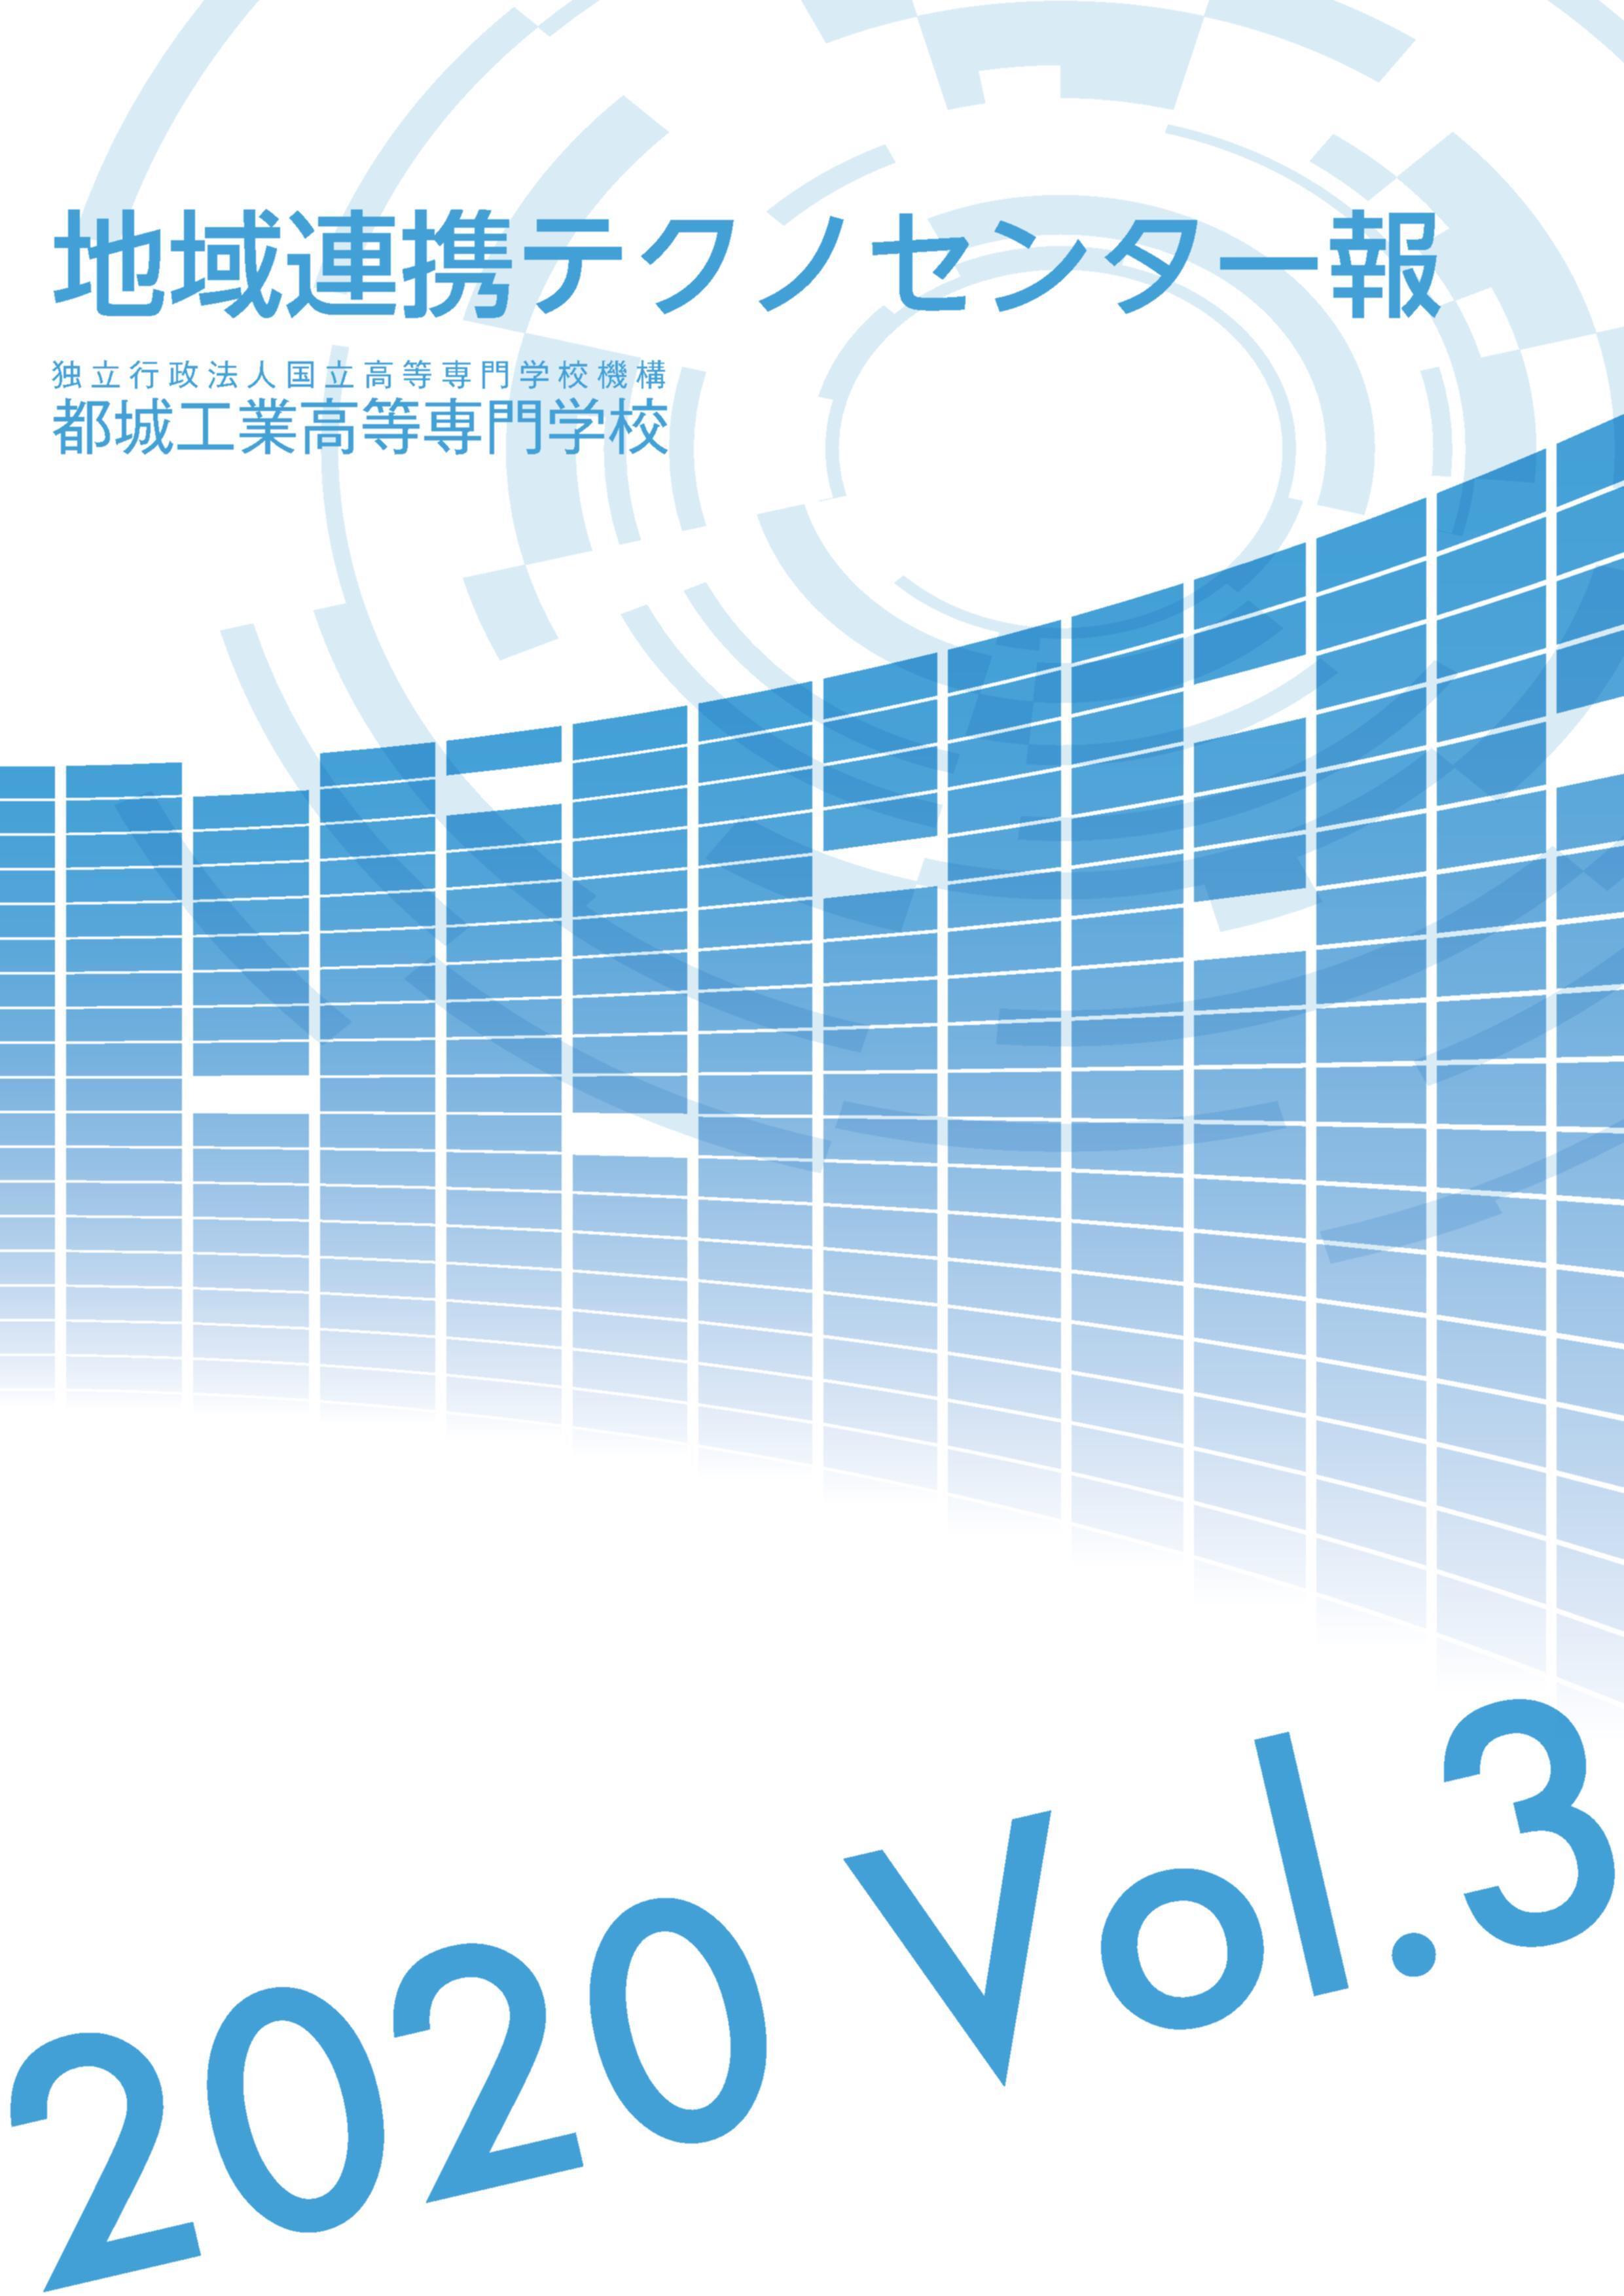 hyoushi_2020.jpg